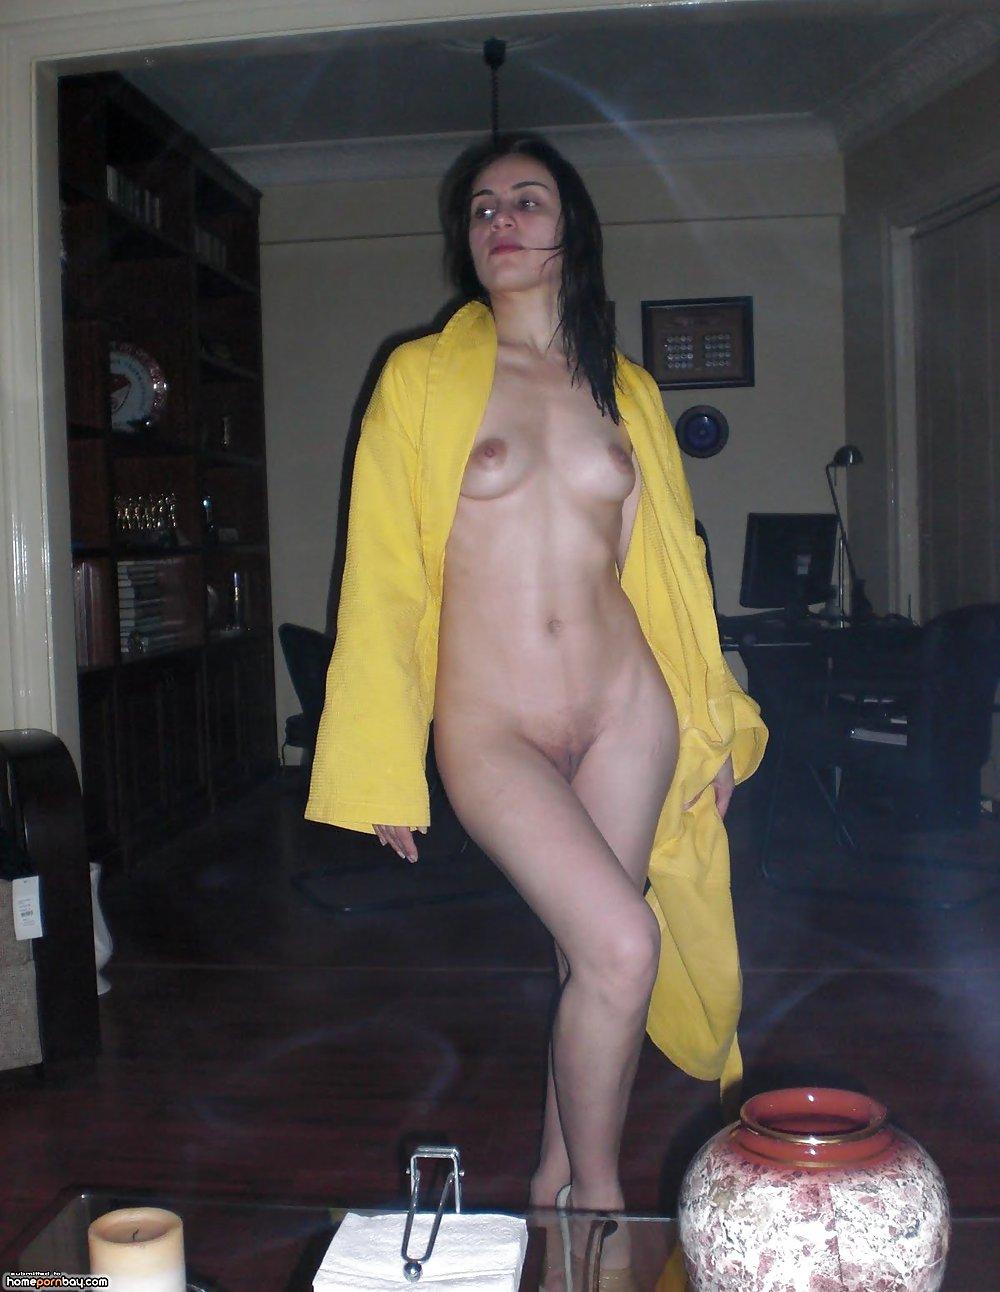 russkiy-striptiz-chastnoe-porno-foto-vali-azarovoy